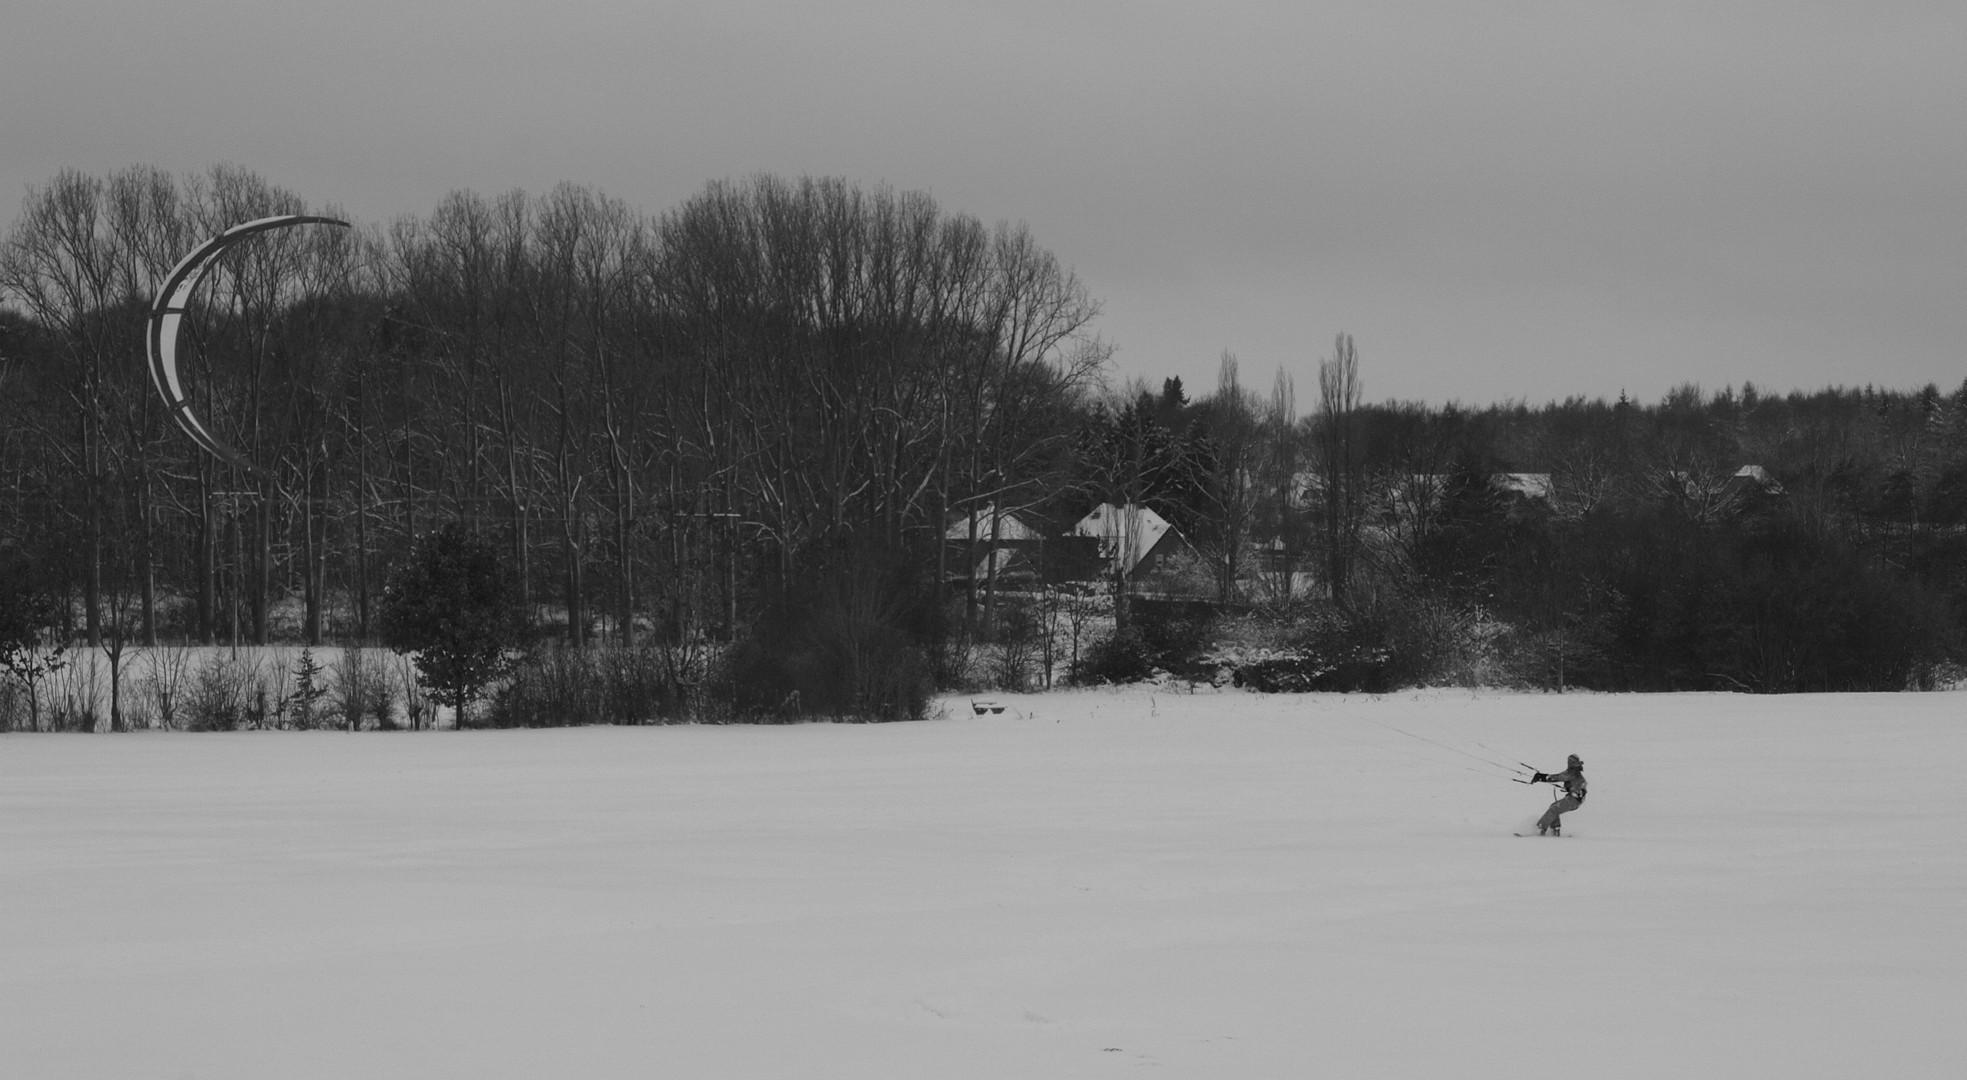 Kaitsurfen im Schnee